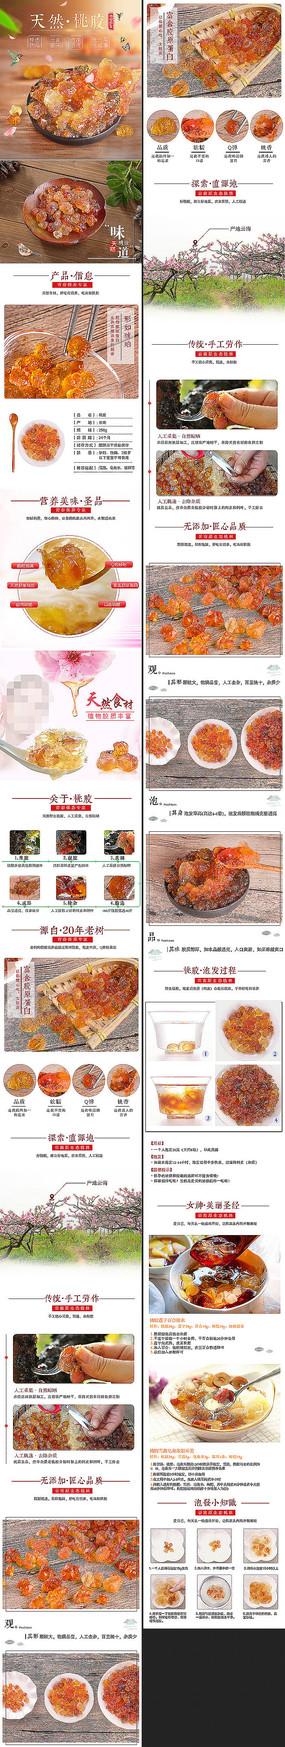 天猫食品桃胶详情页促销模板